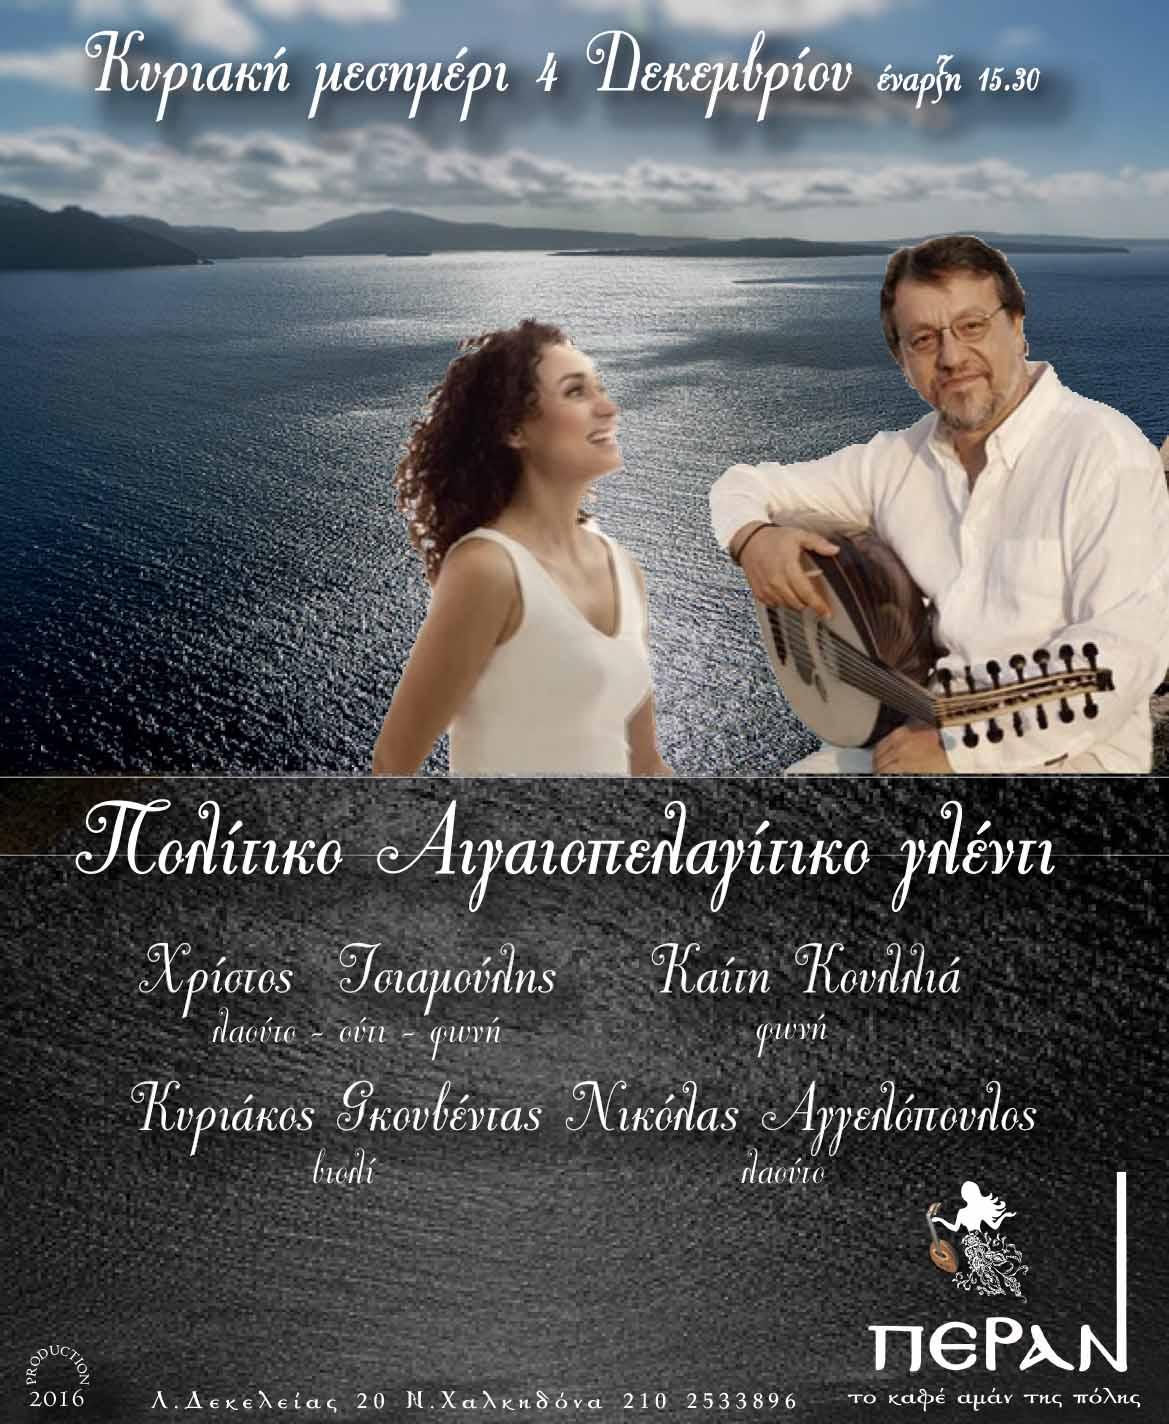 TSIAMOYLIS-KOYLLIA 4-12